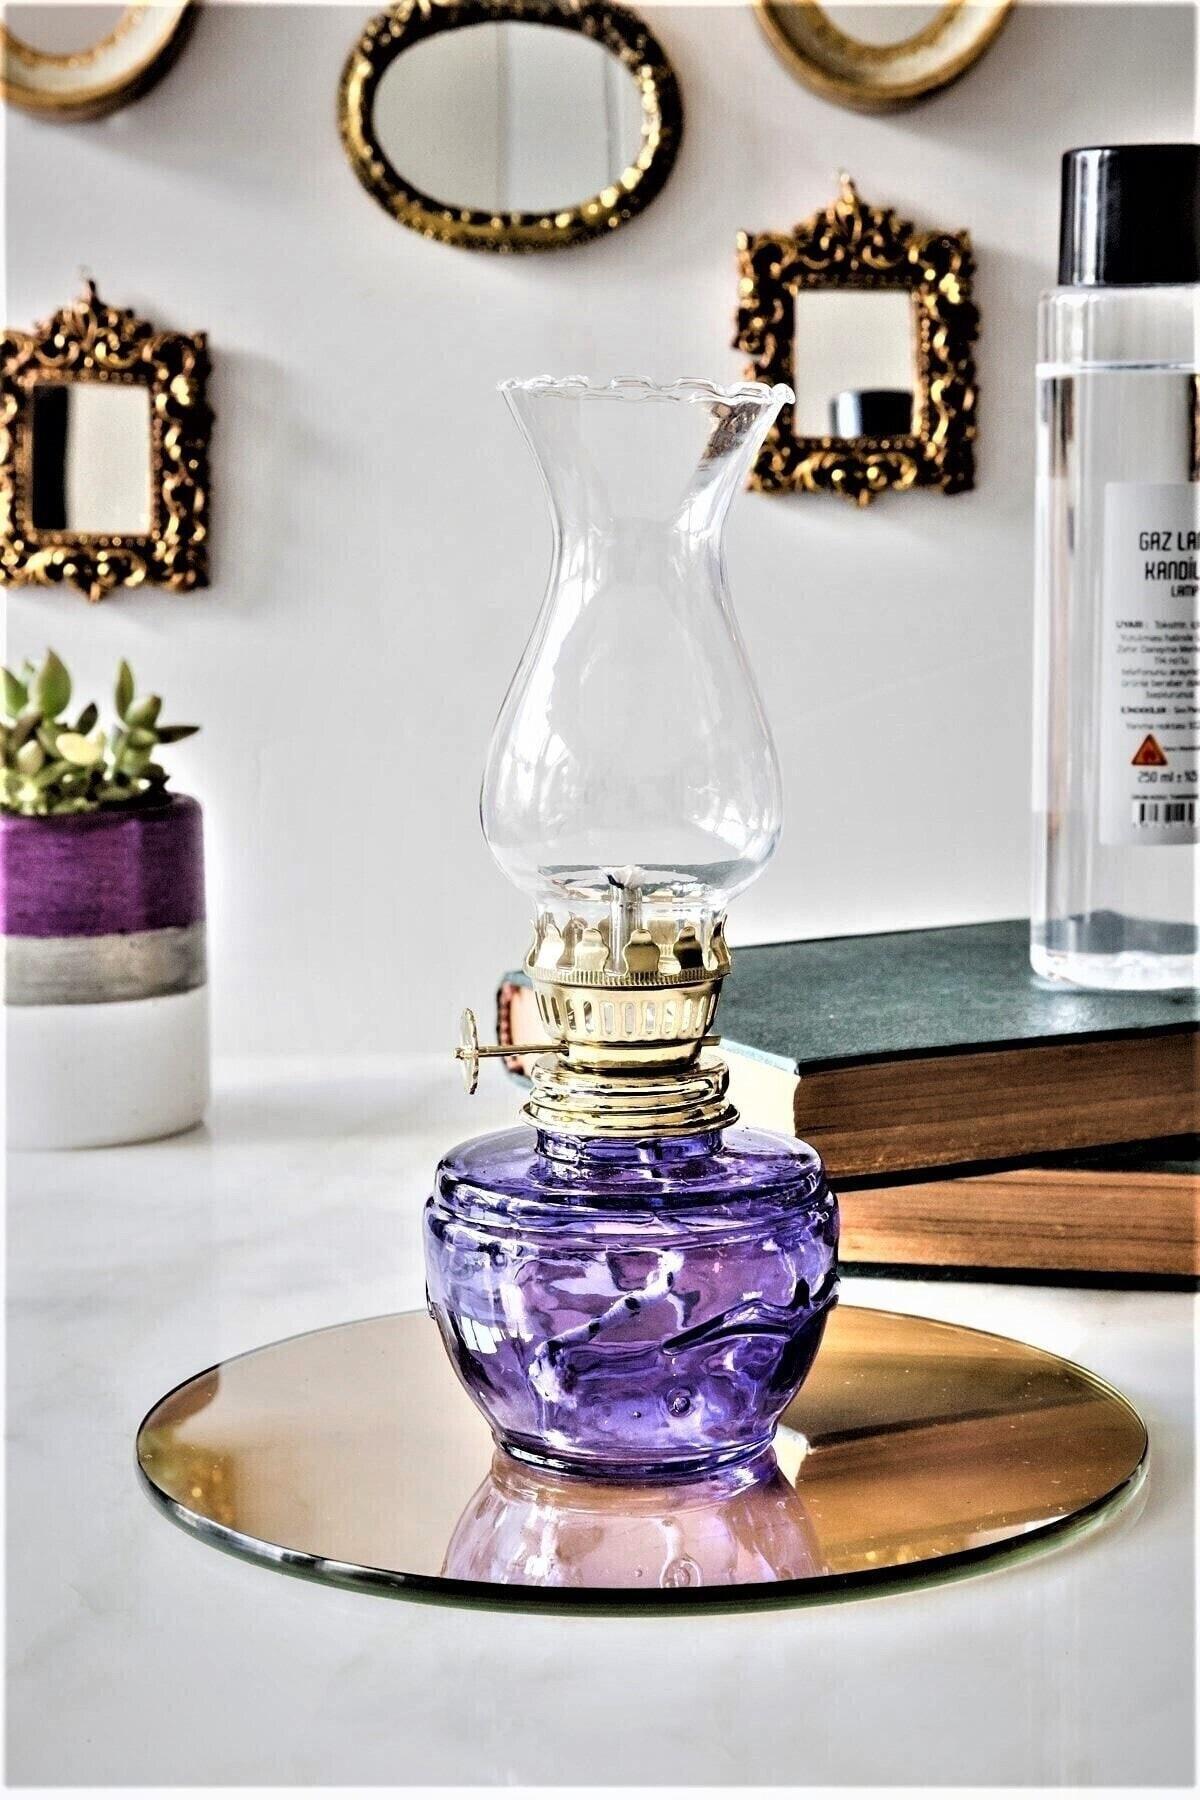 Газовая лампа, декоративная лампа, ностальгическая керосиновая лампа, алюминиевая лампа, керосиновая лампа в стиле ретро, настенная лампа, ...